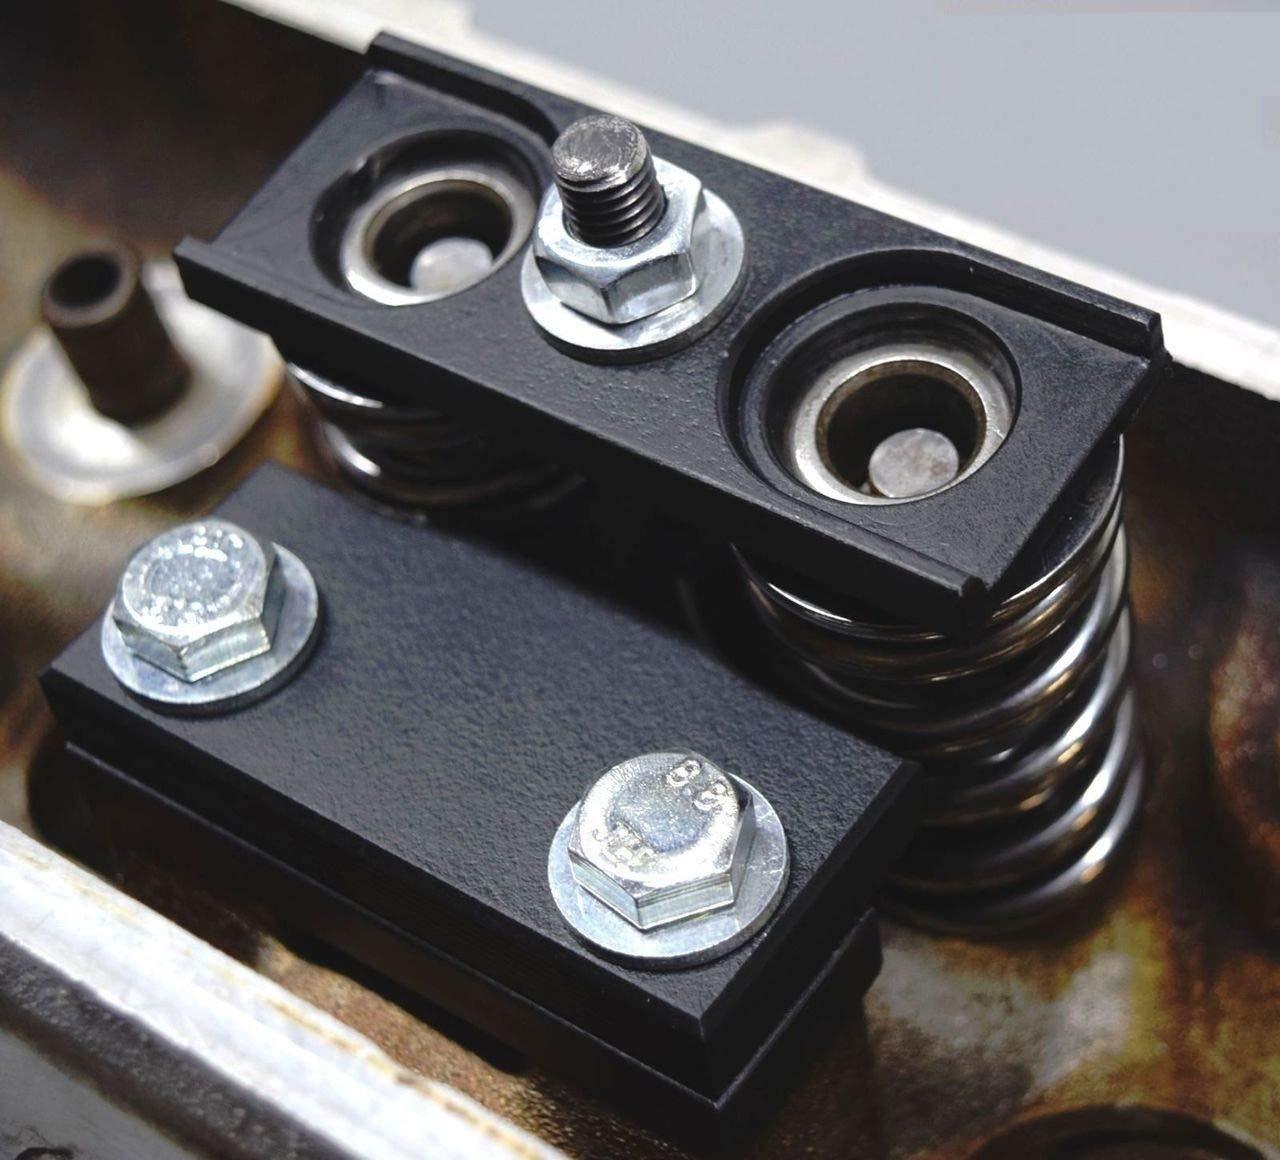 Michigan Motorsports Valve Spring Compressor Tool for LSX 4.8 5.3 5.7 6.0 6.2 LS LS1 LS2 LS3